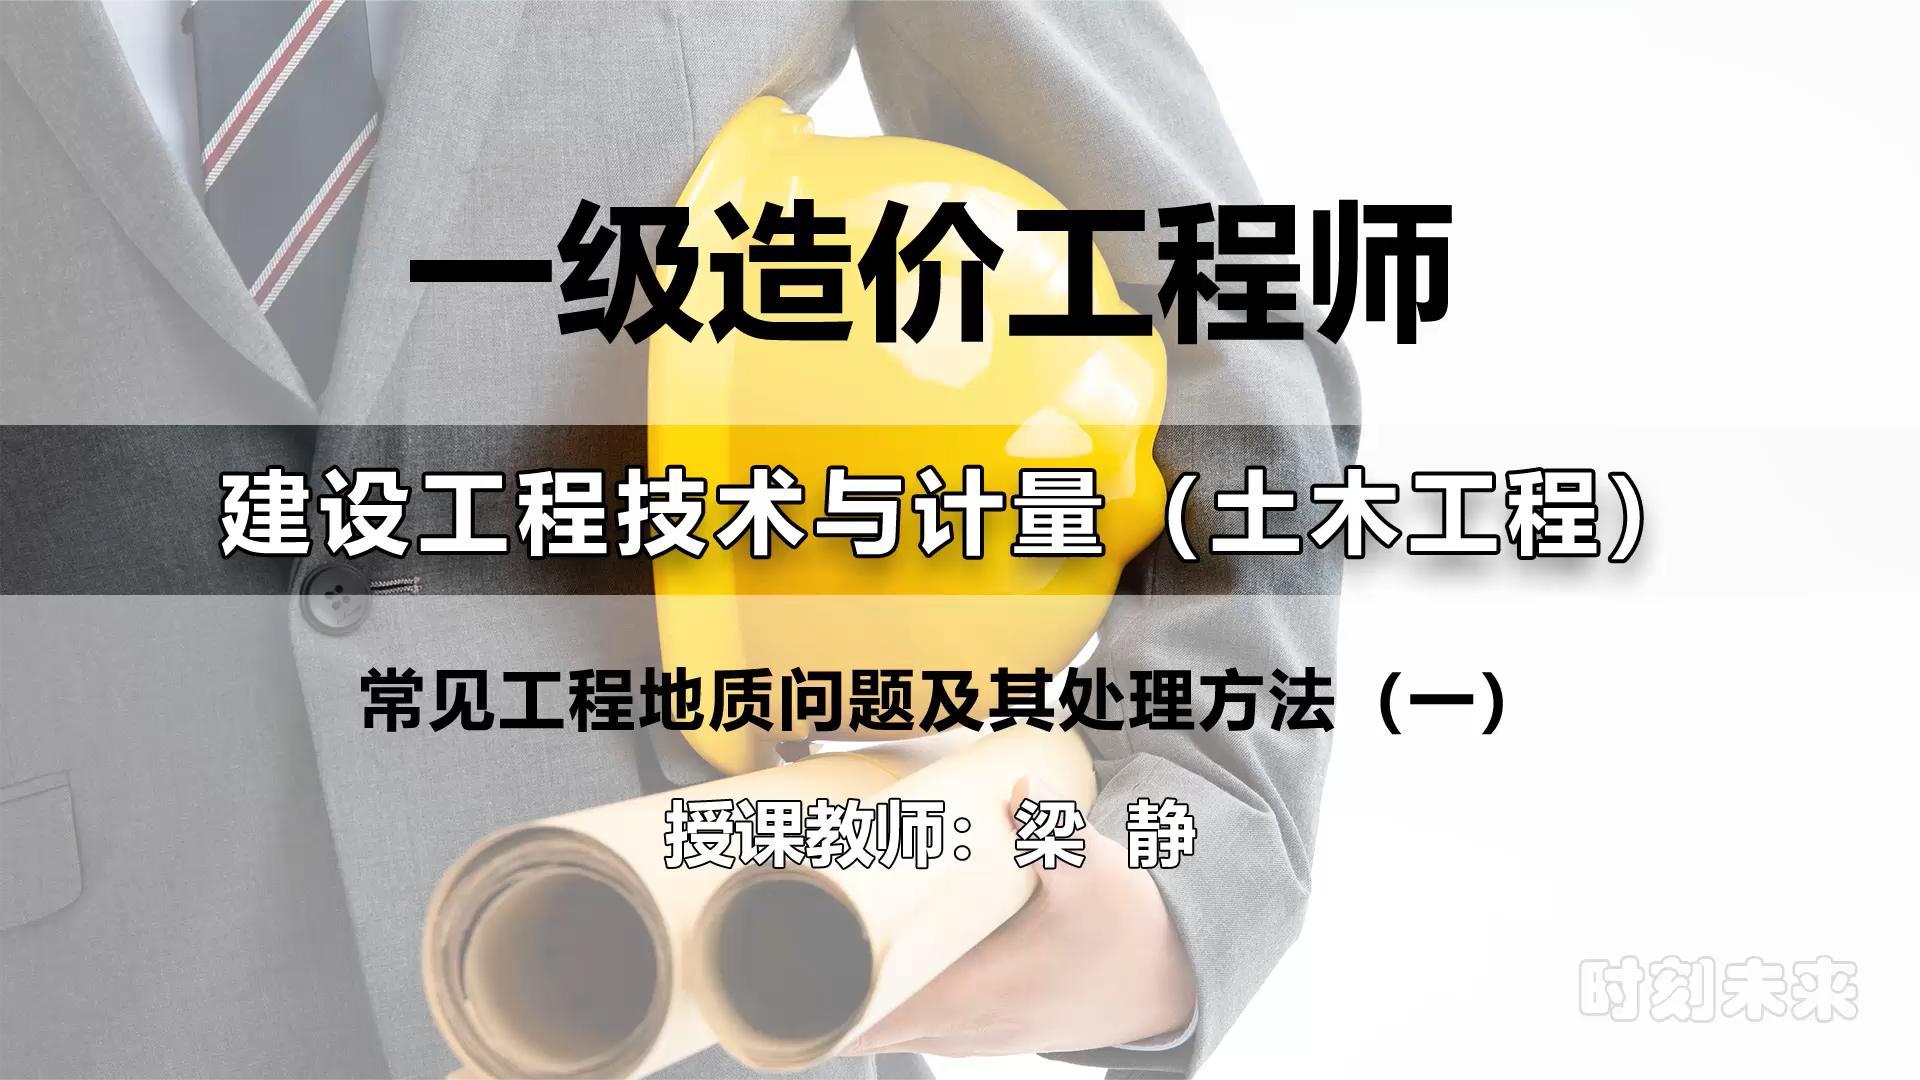 【梁静】2021一级造价工程师土建计量精讲班视频下载